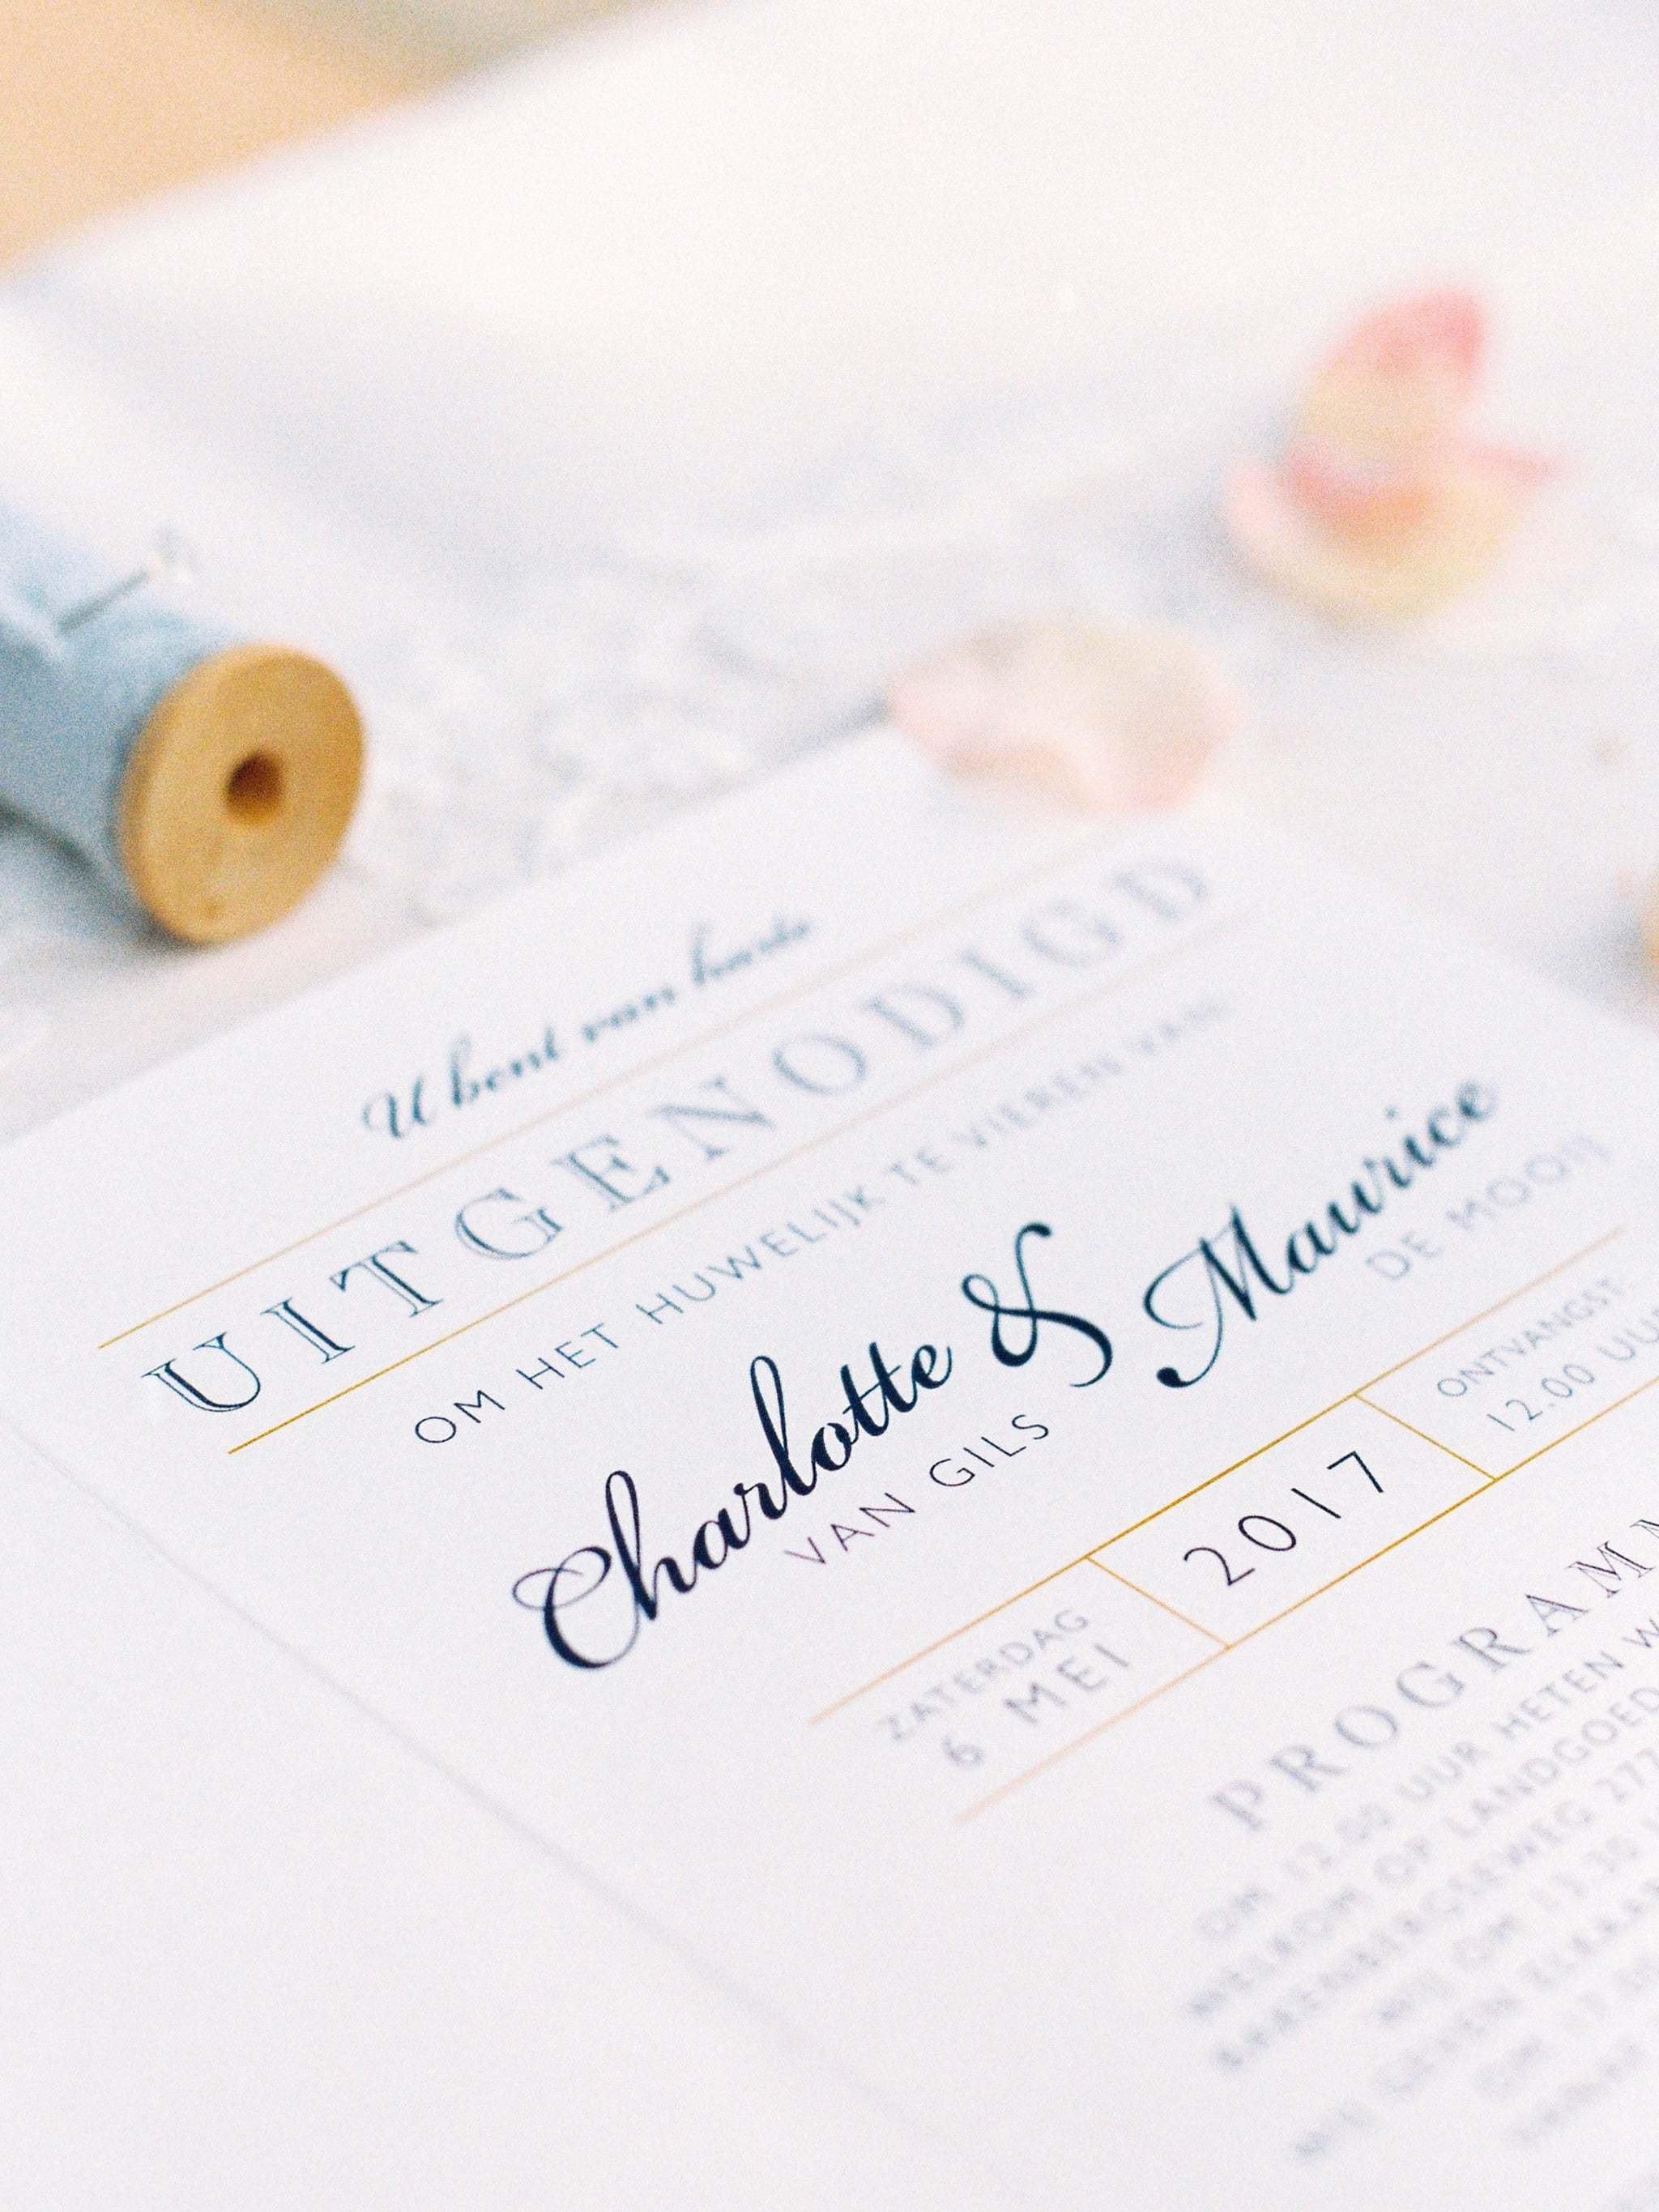 Bruiloft Uitnodiging Theperfectwedding Nl